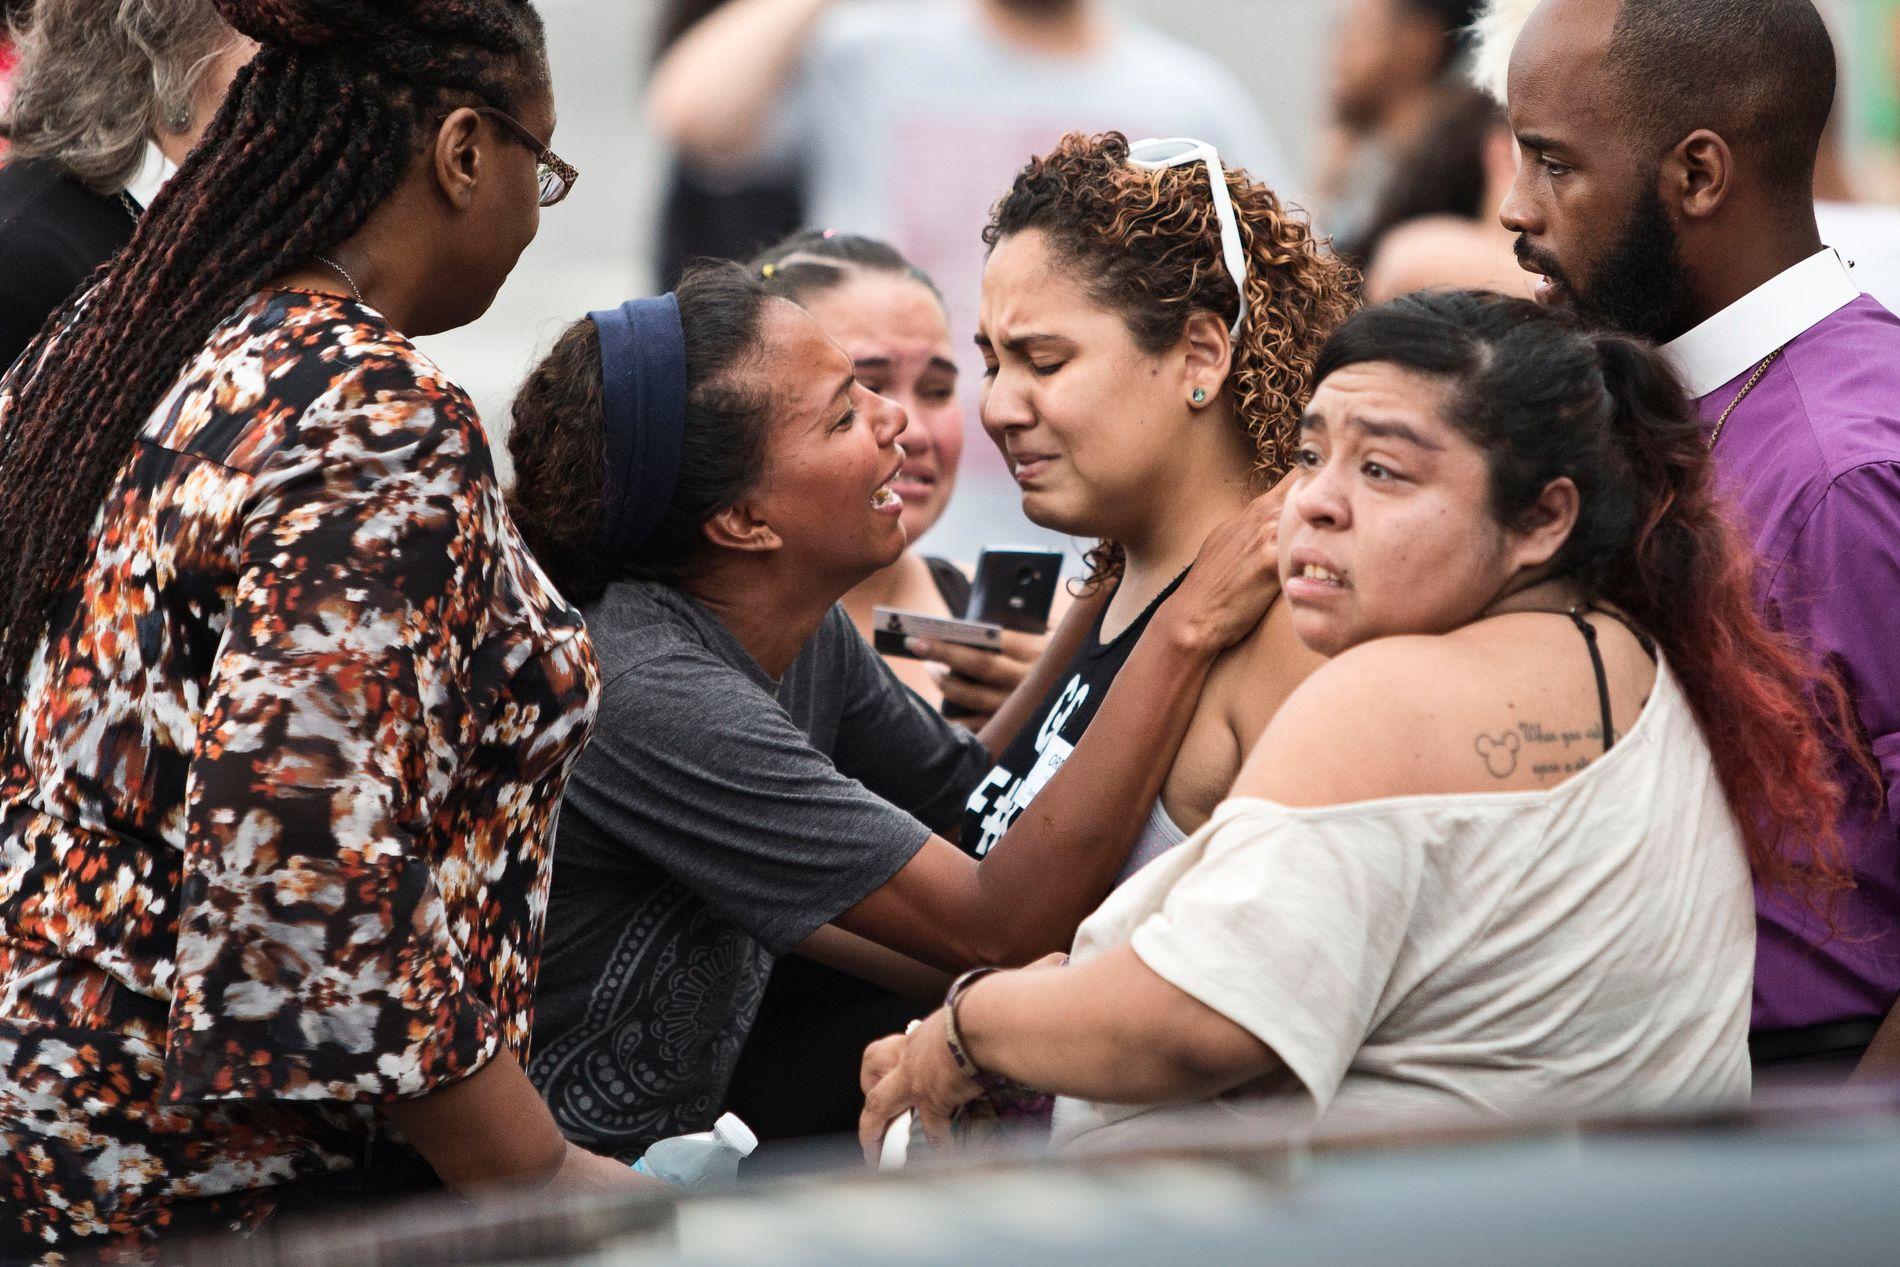 PÅRØRENDE: Fortvilte slektninger og venner utenfor nattklubben Pulse, der skytemassakren fant sted.